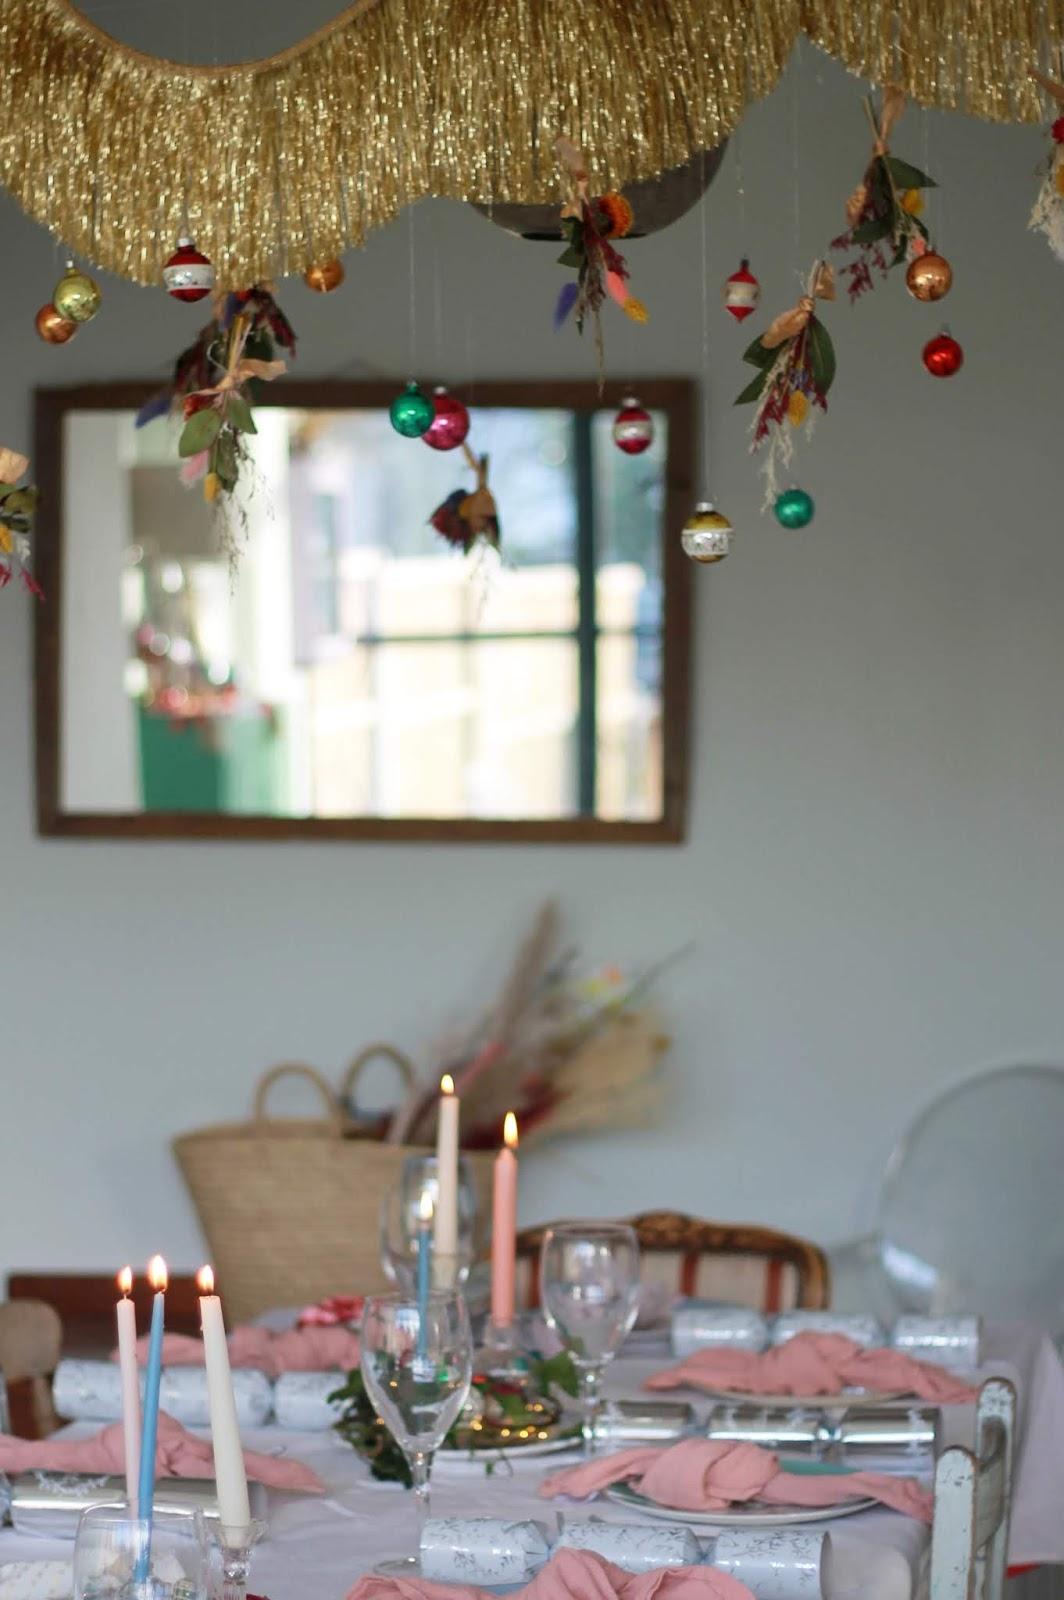 House_at_Christmas_1